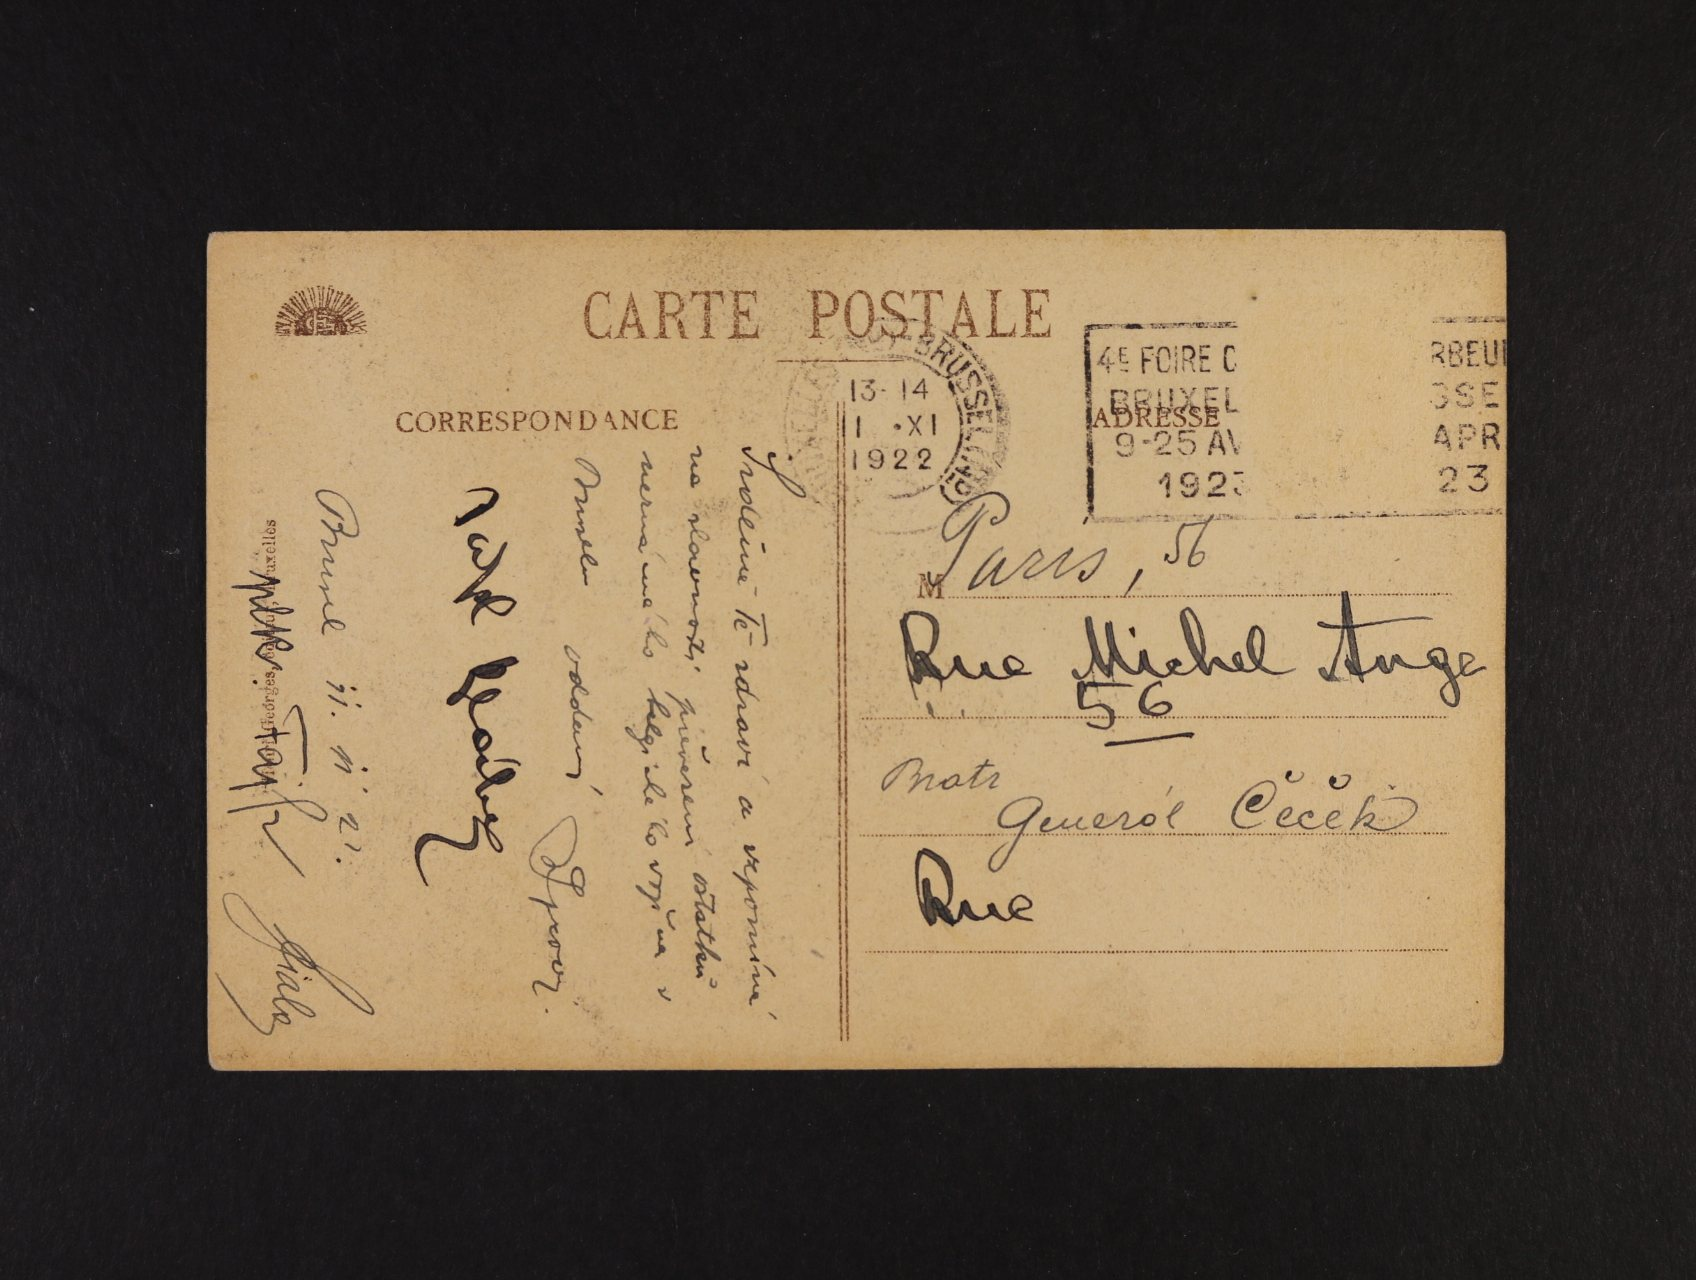 Syrový Jan, generál čs. armády - pohlednice adresovaná na Gen. Čečka do Paříže, podepsaná Gen. Janem Syrovým a Gen. Faifrem, únor 1922